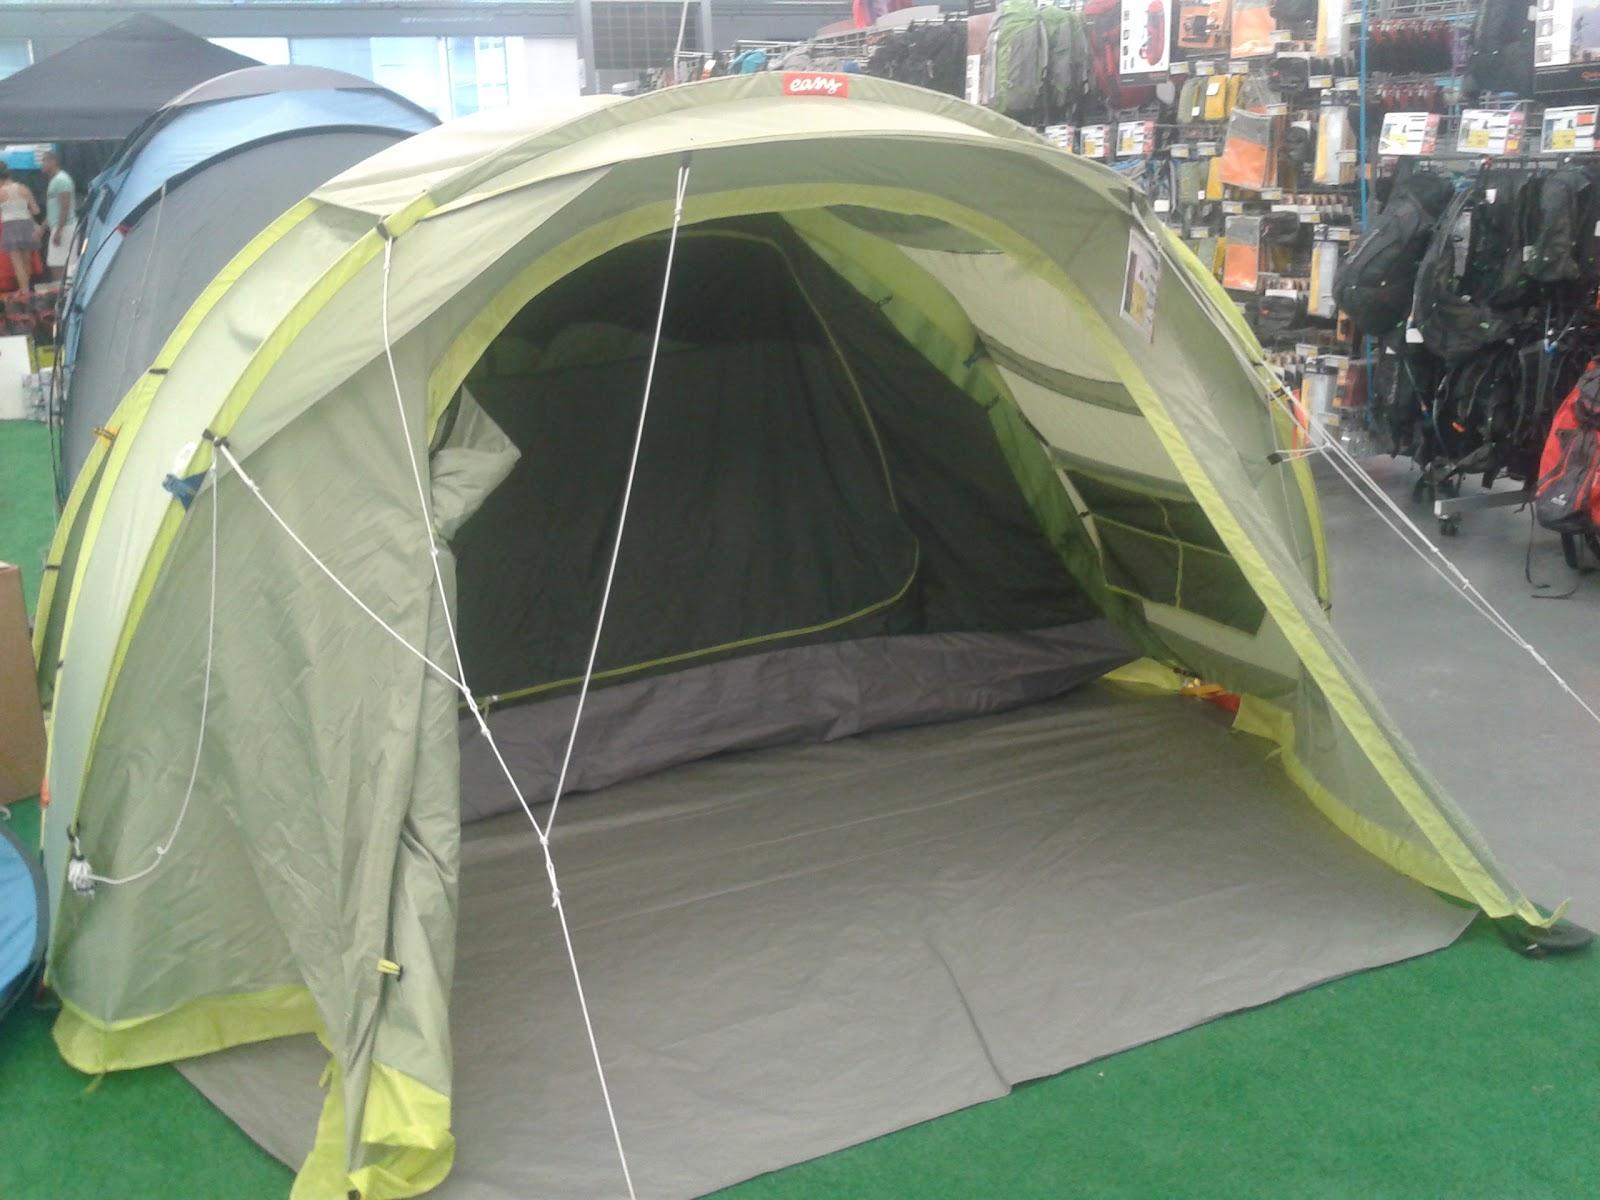 c11767285 Na verdade o desejo de ter uma barraca menor para as acampadas de final de  semana já havia se formado